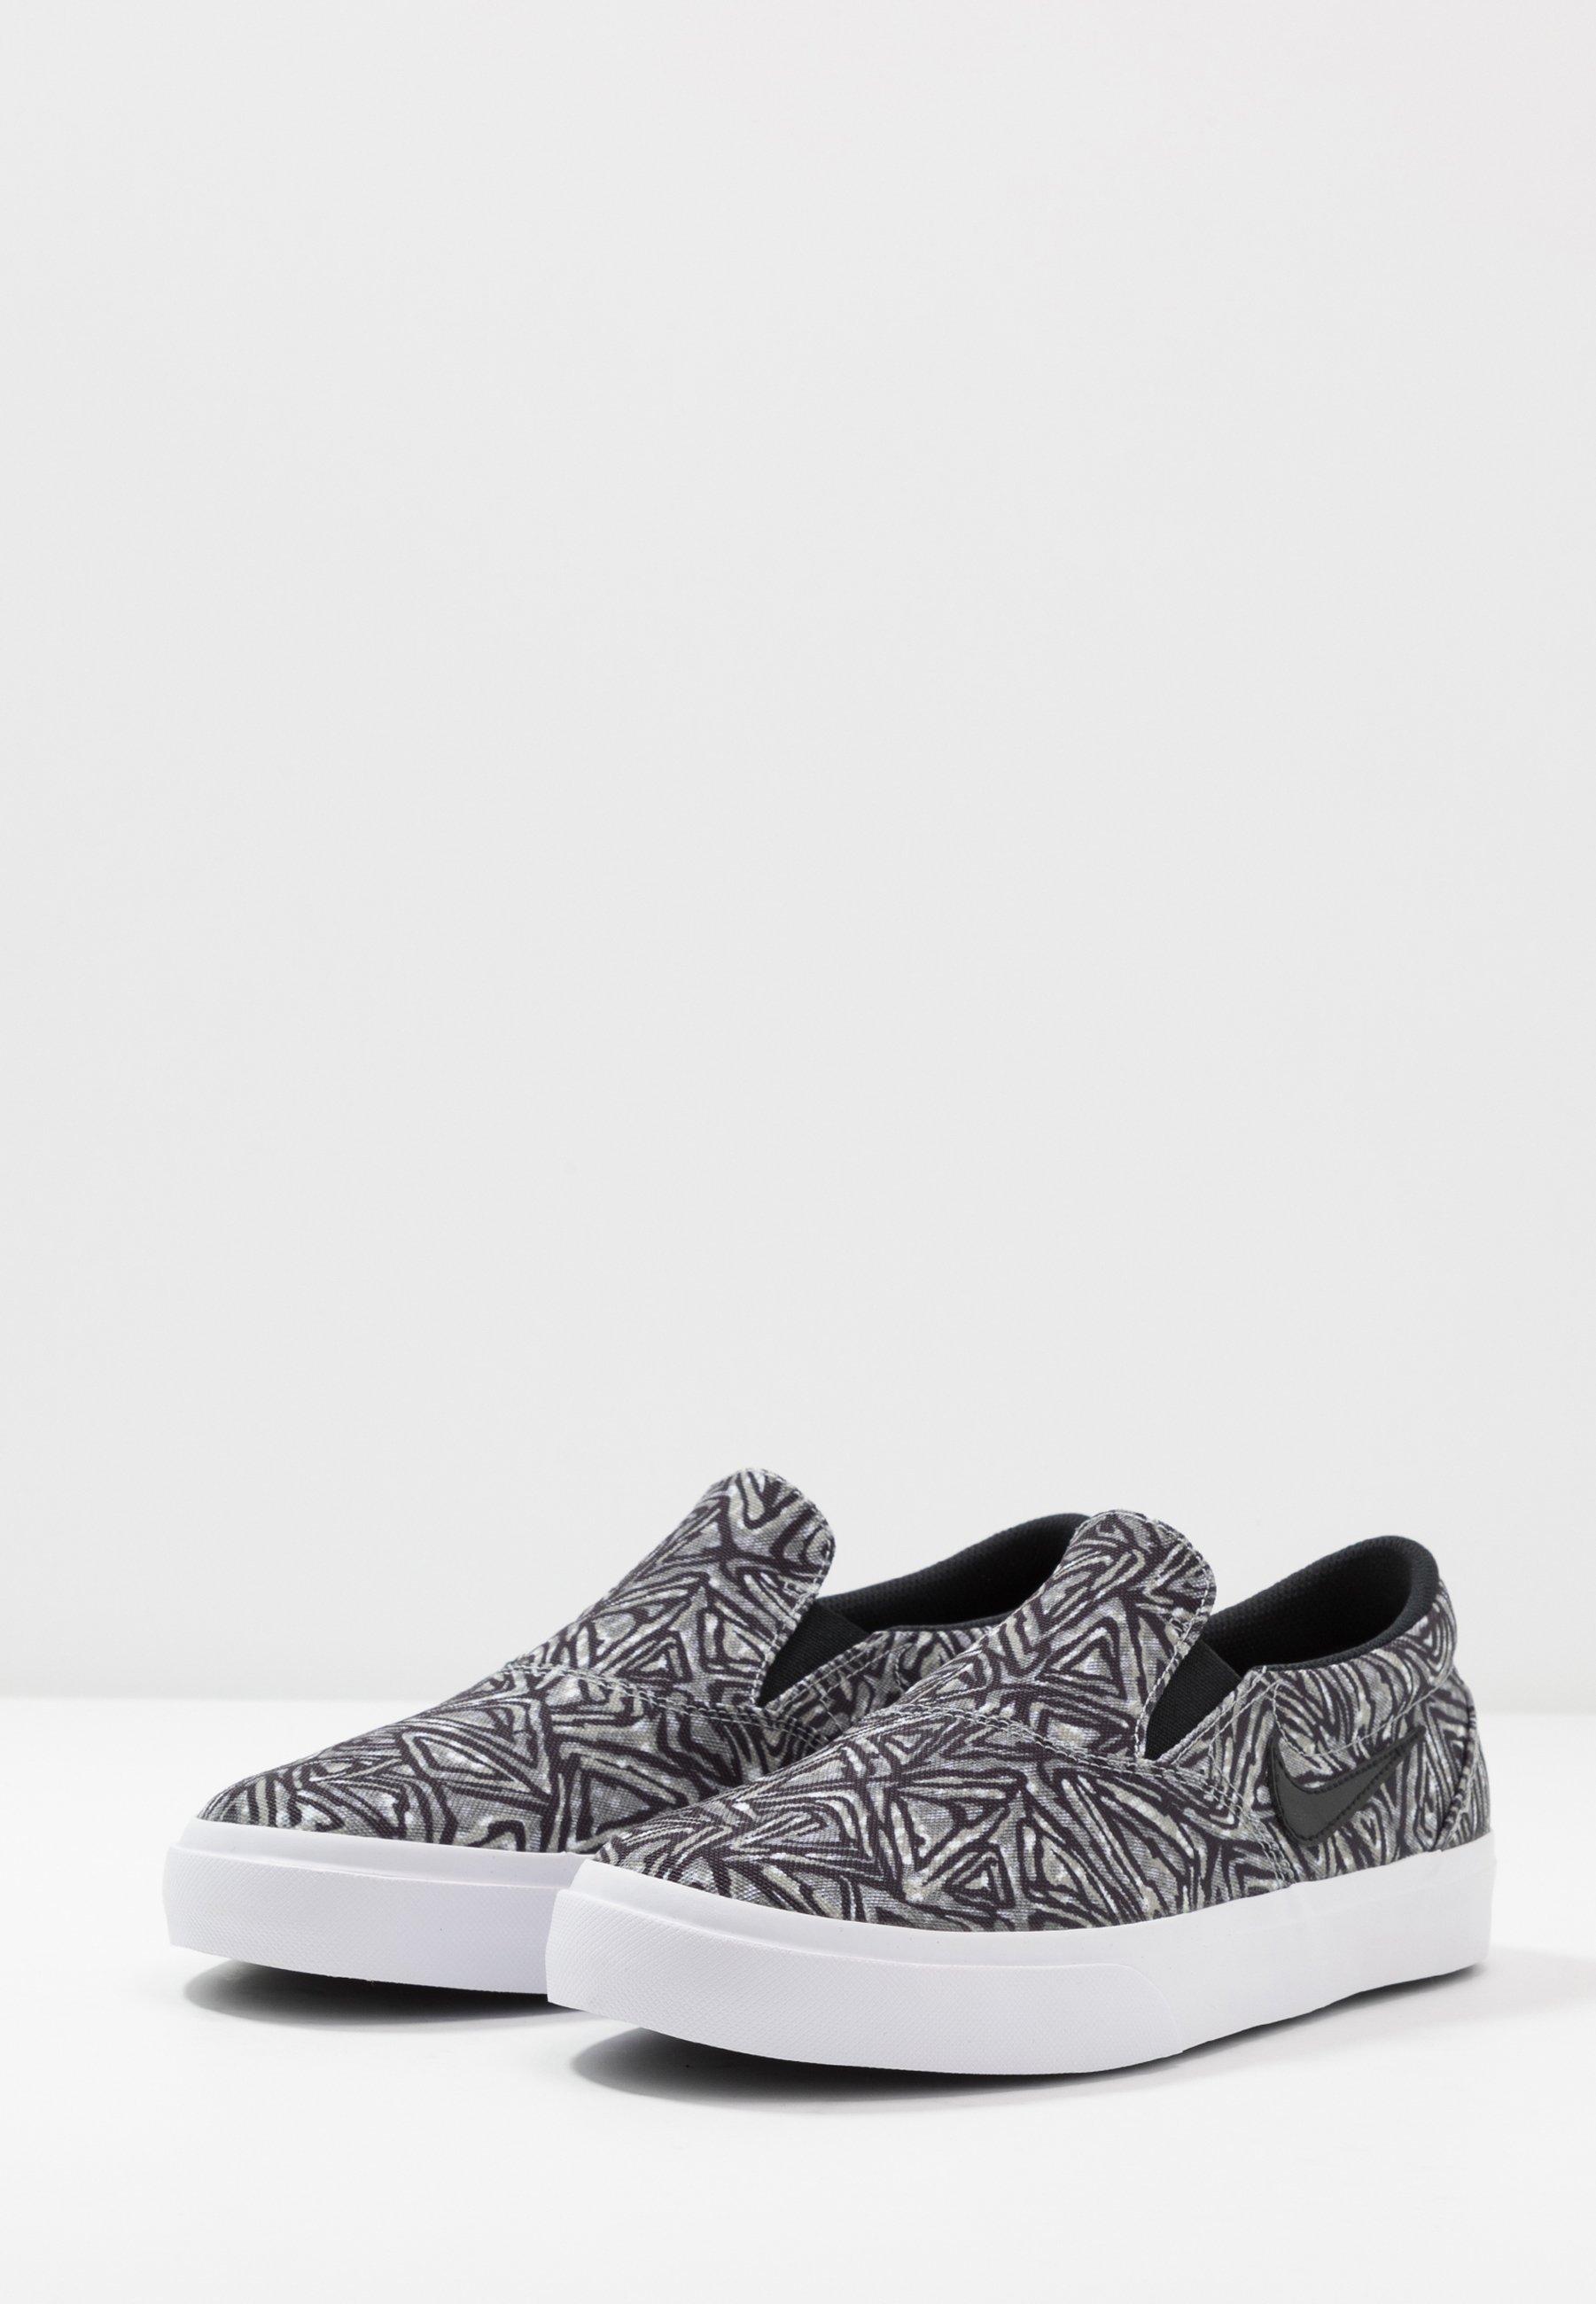 Prezzo incredibile Scarpe da uomo Nike SB CHARGE PRM Scarpe senza lacci particle grey/black/white